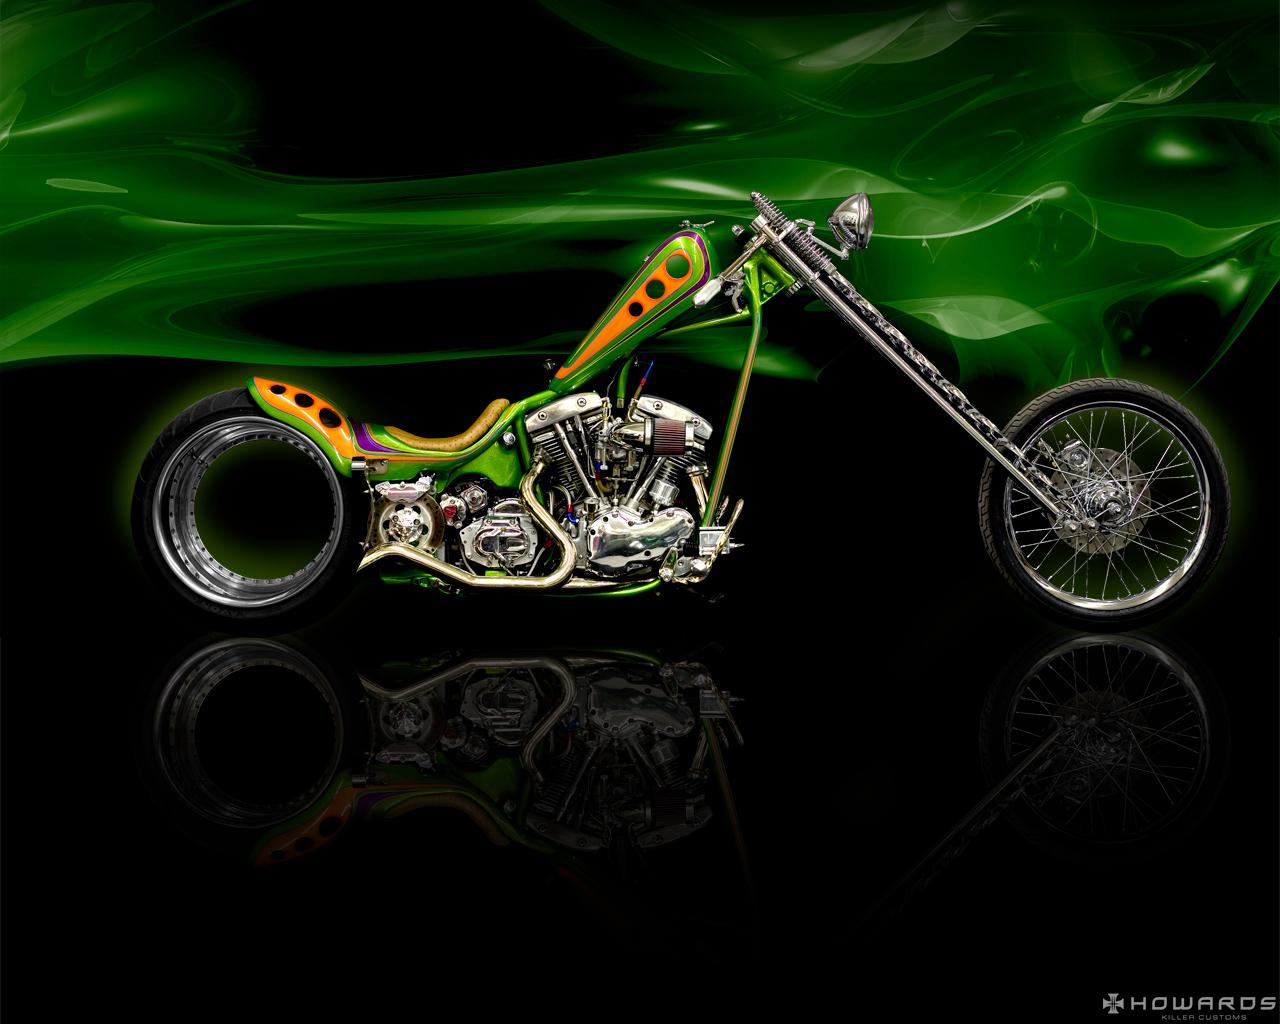 http://3.bp.blogspot.com/-NLpbT1c2SPc/TarhnN2c5DI/AAAAAAAAAM0/VTnzt1Wq-2U/s1600/3.jpg